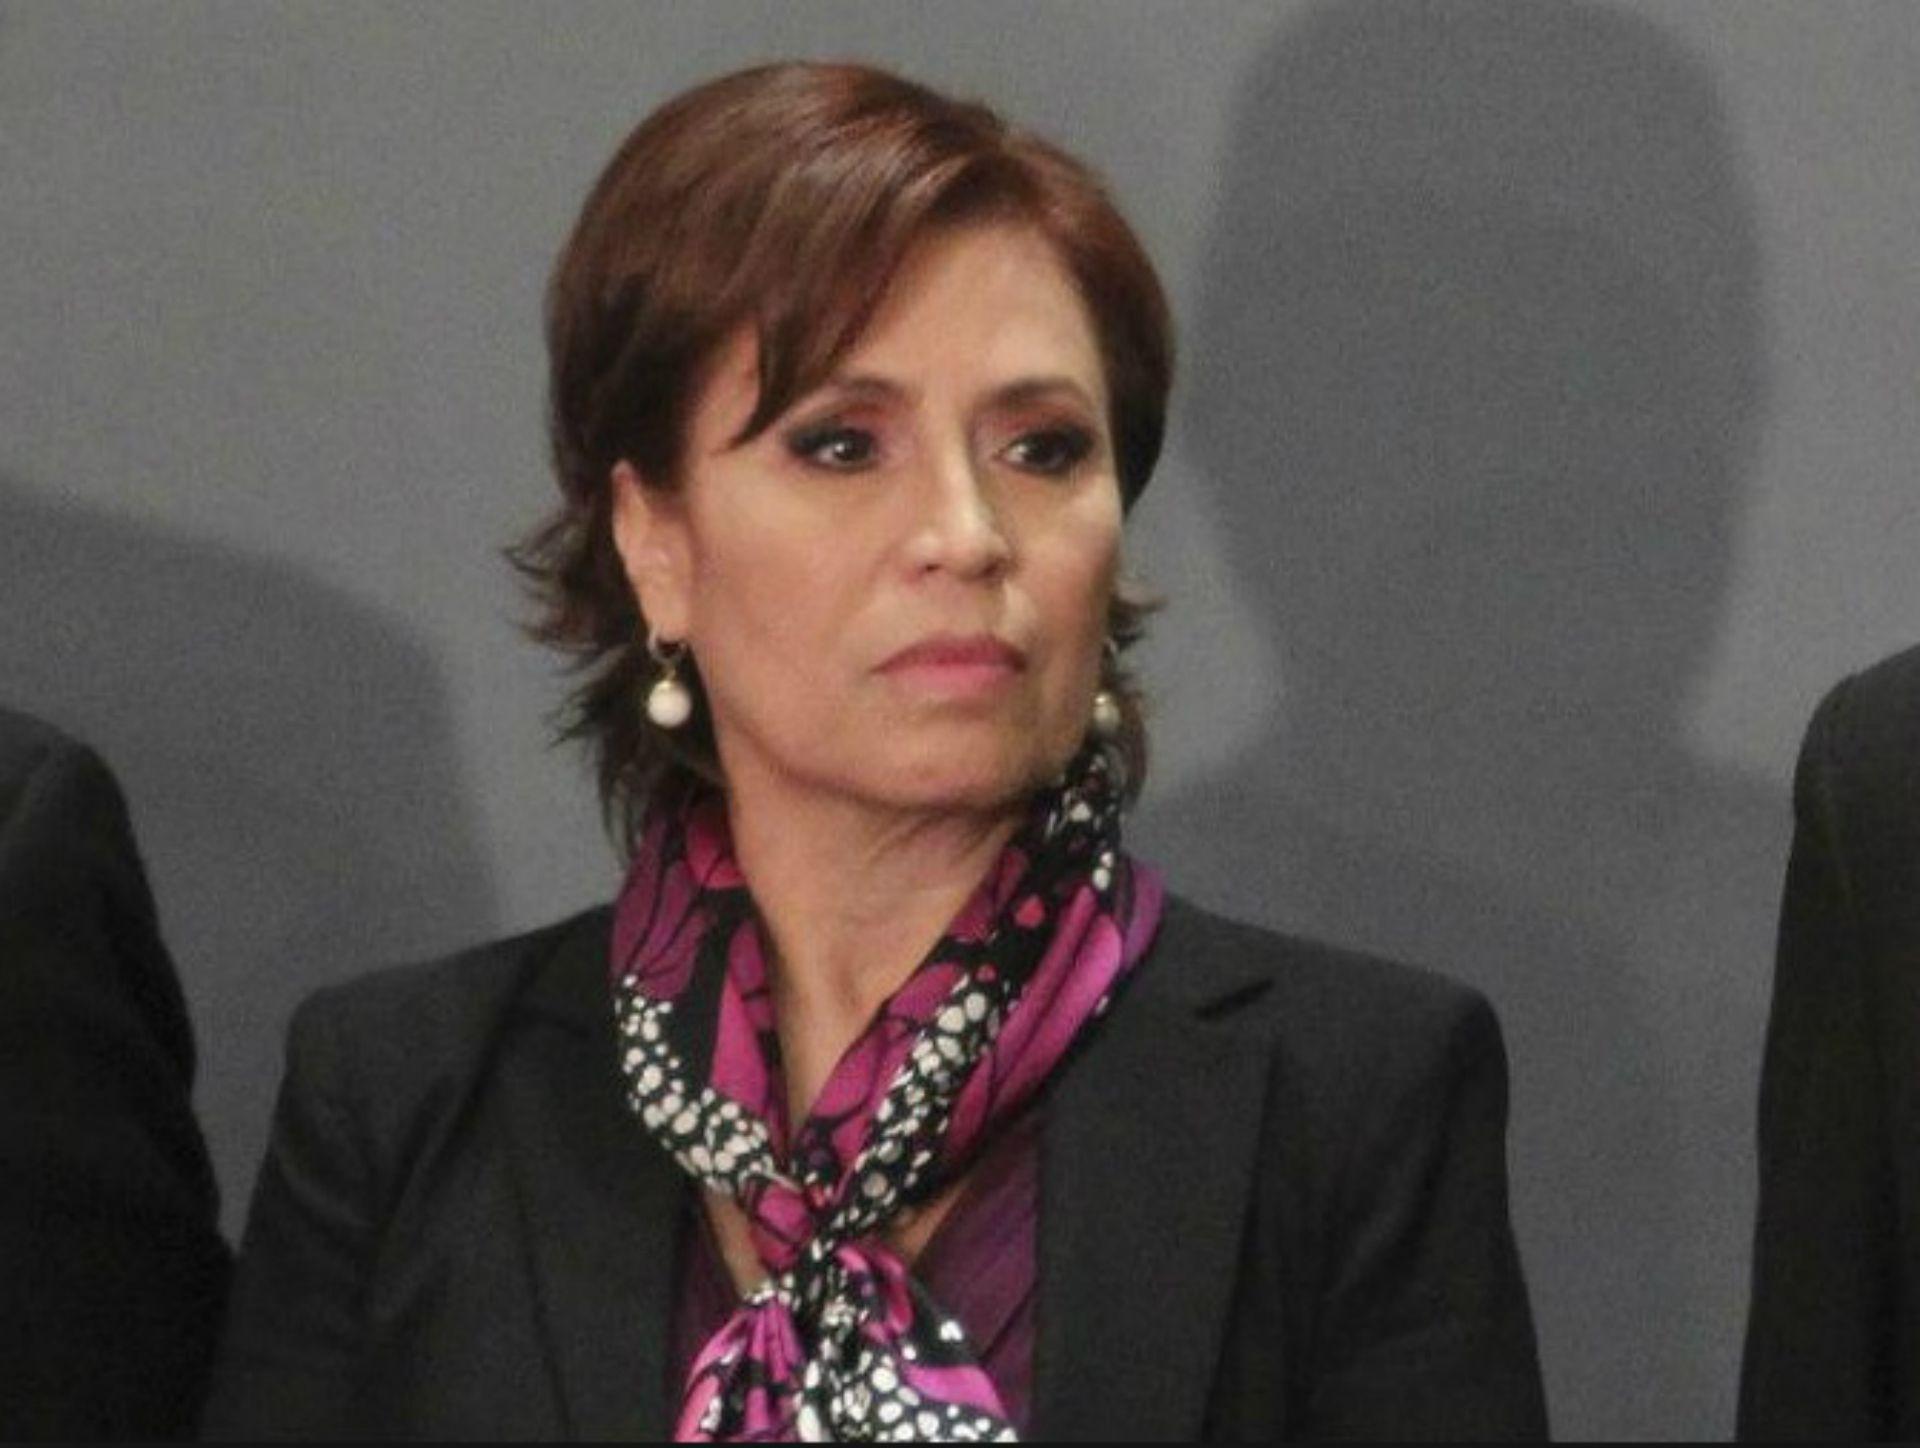 La ex funcionaria que ocupó dos secretarías distintas durante la administración de Enrique Peña Nieto aún se encuentra en prisión preventiva en el Reclusorio Oriente. (Foto: Cuartoscuro)